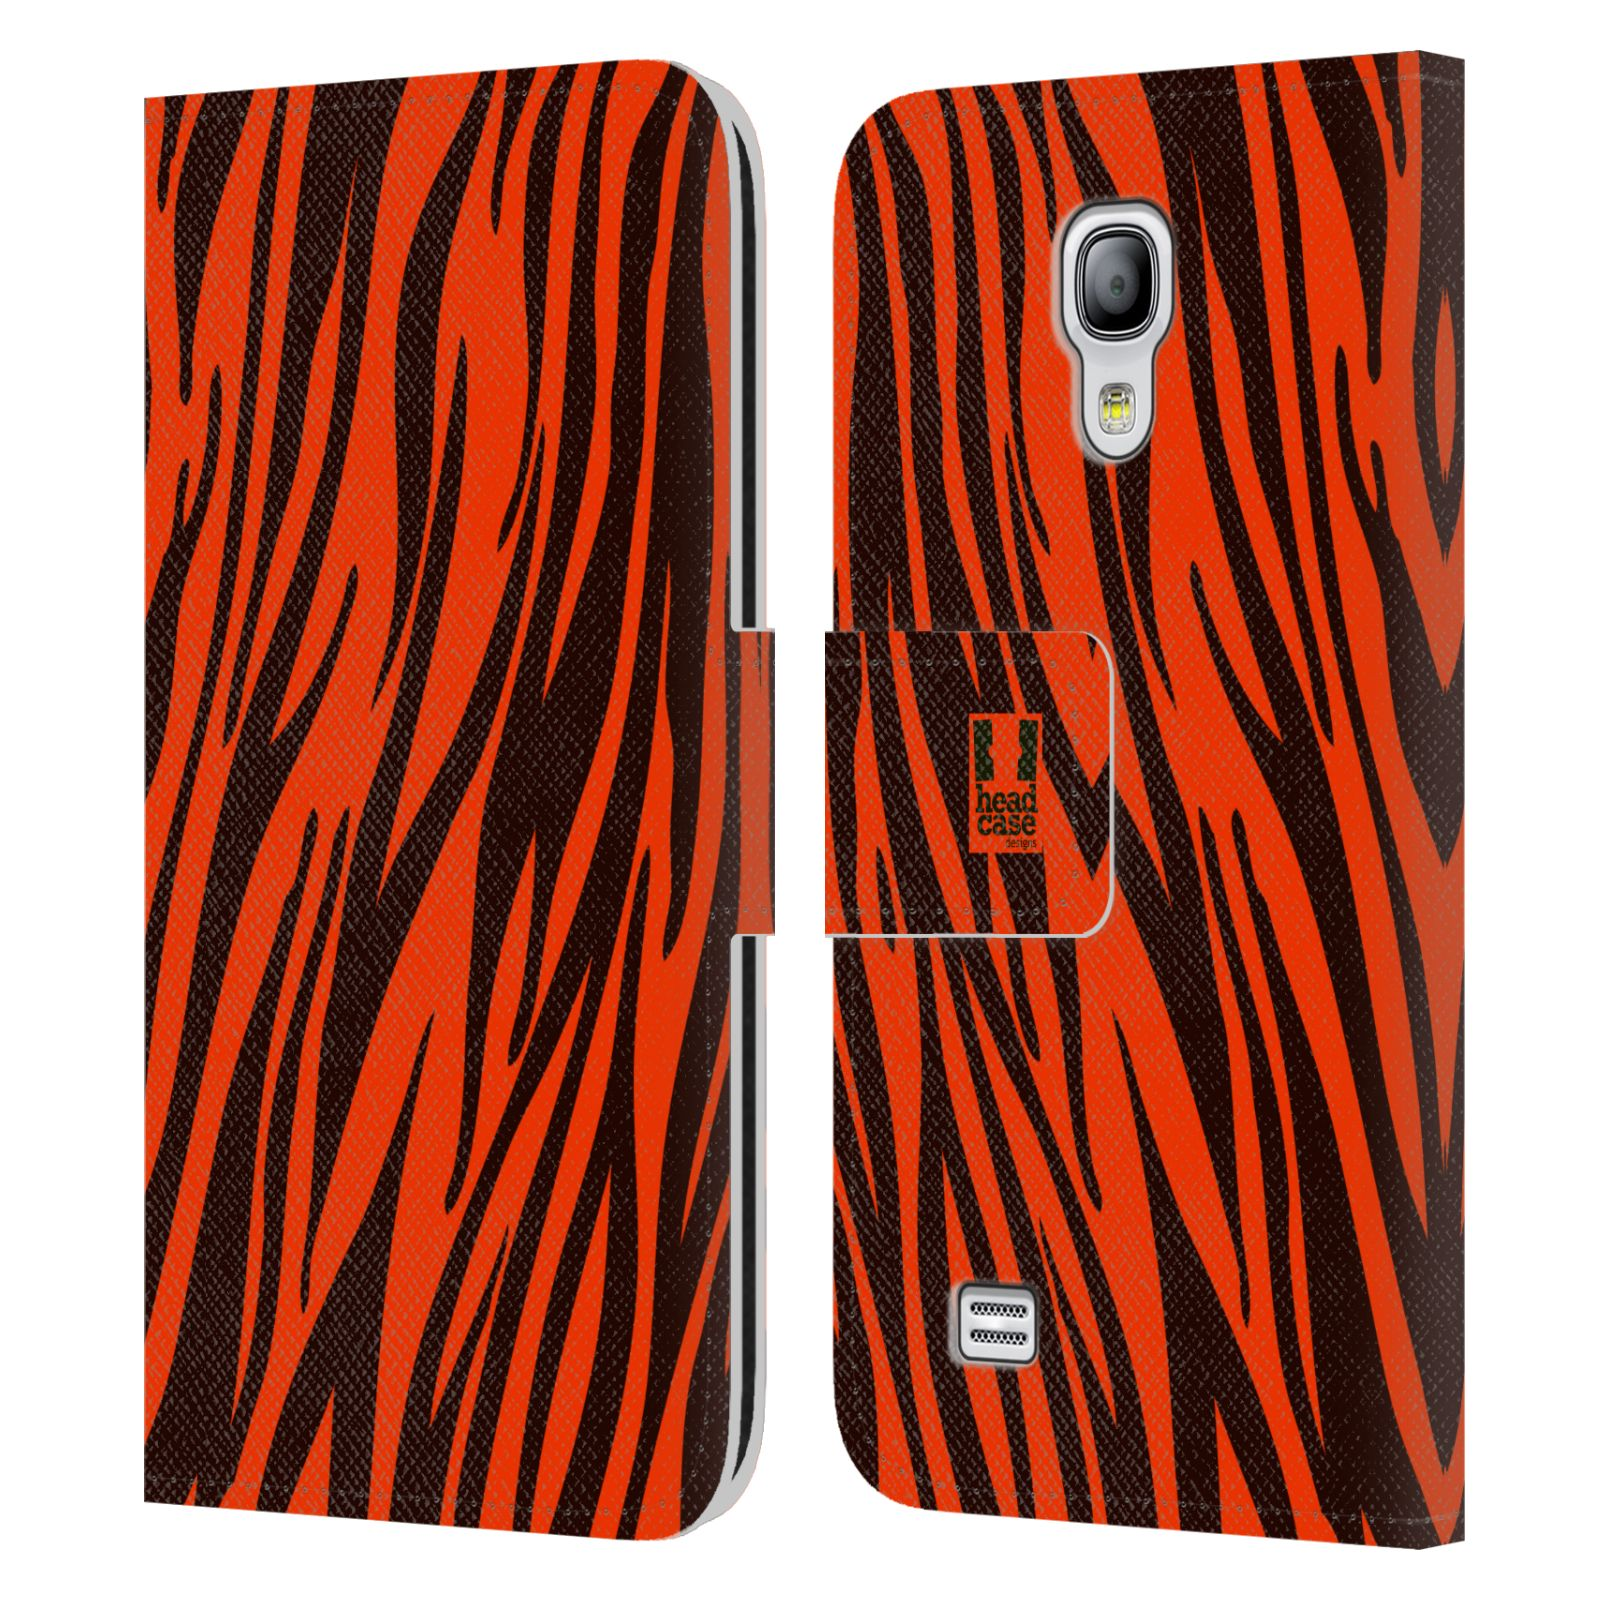 HEAD CASE Flipové pouzdro pro mobil Samsung Galaxy S4 MINI / S4 MINI DUOS Zvířecí barevné vzory oranžový tygr